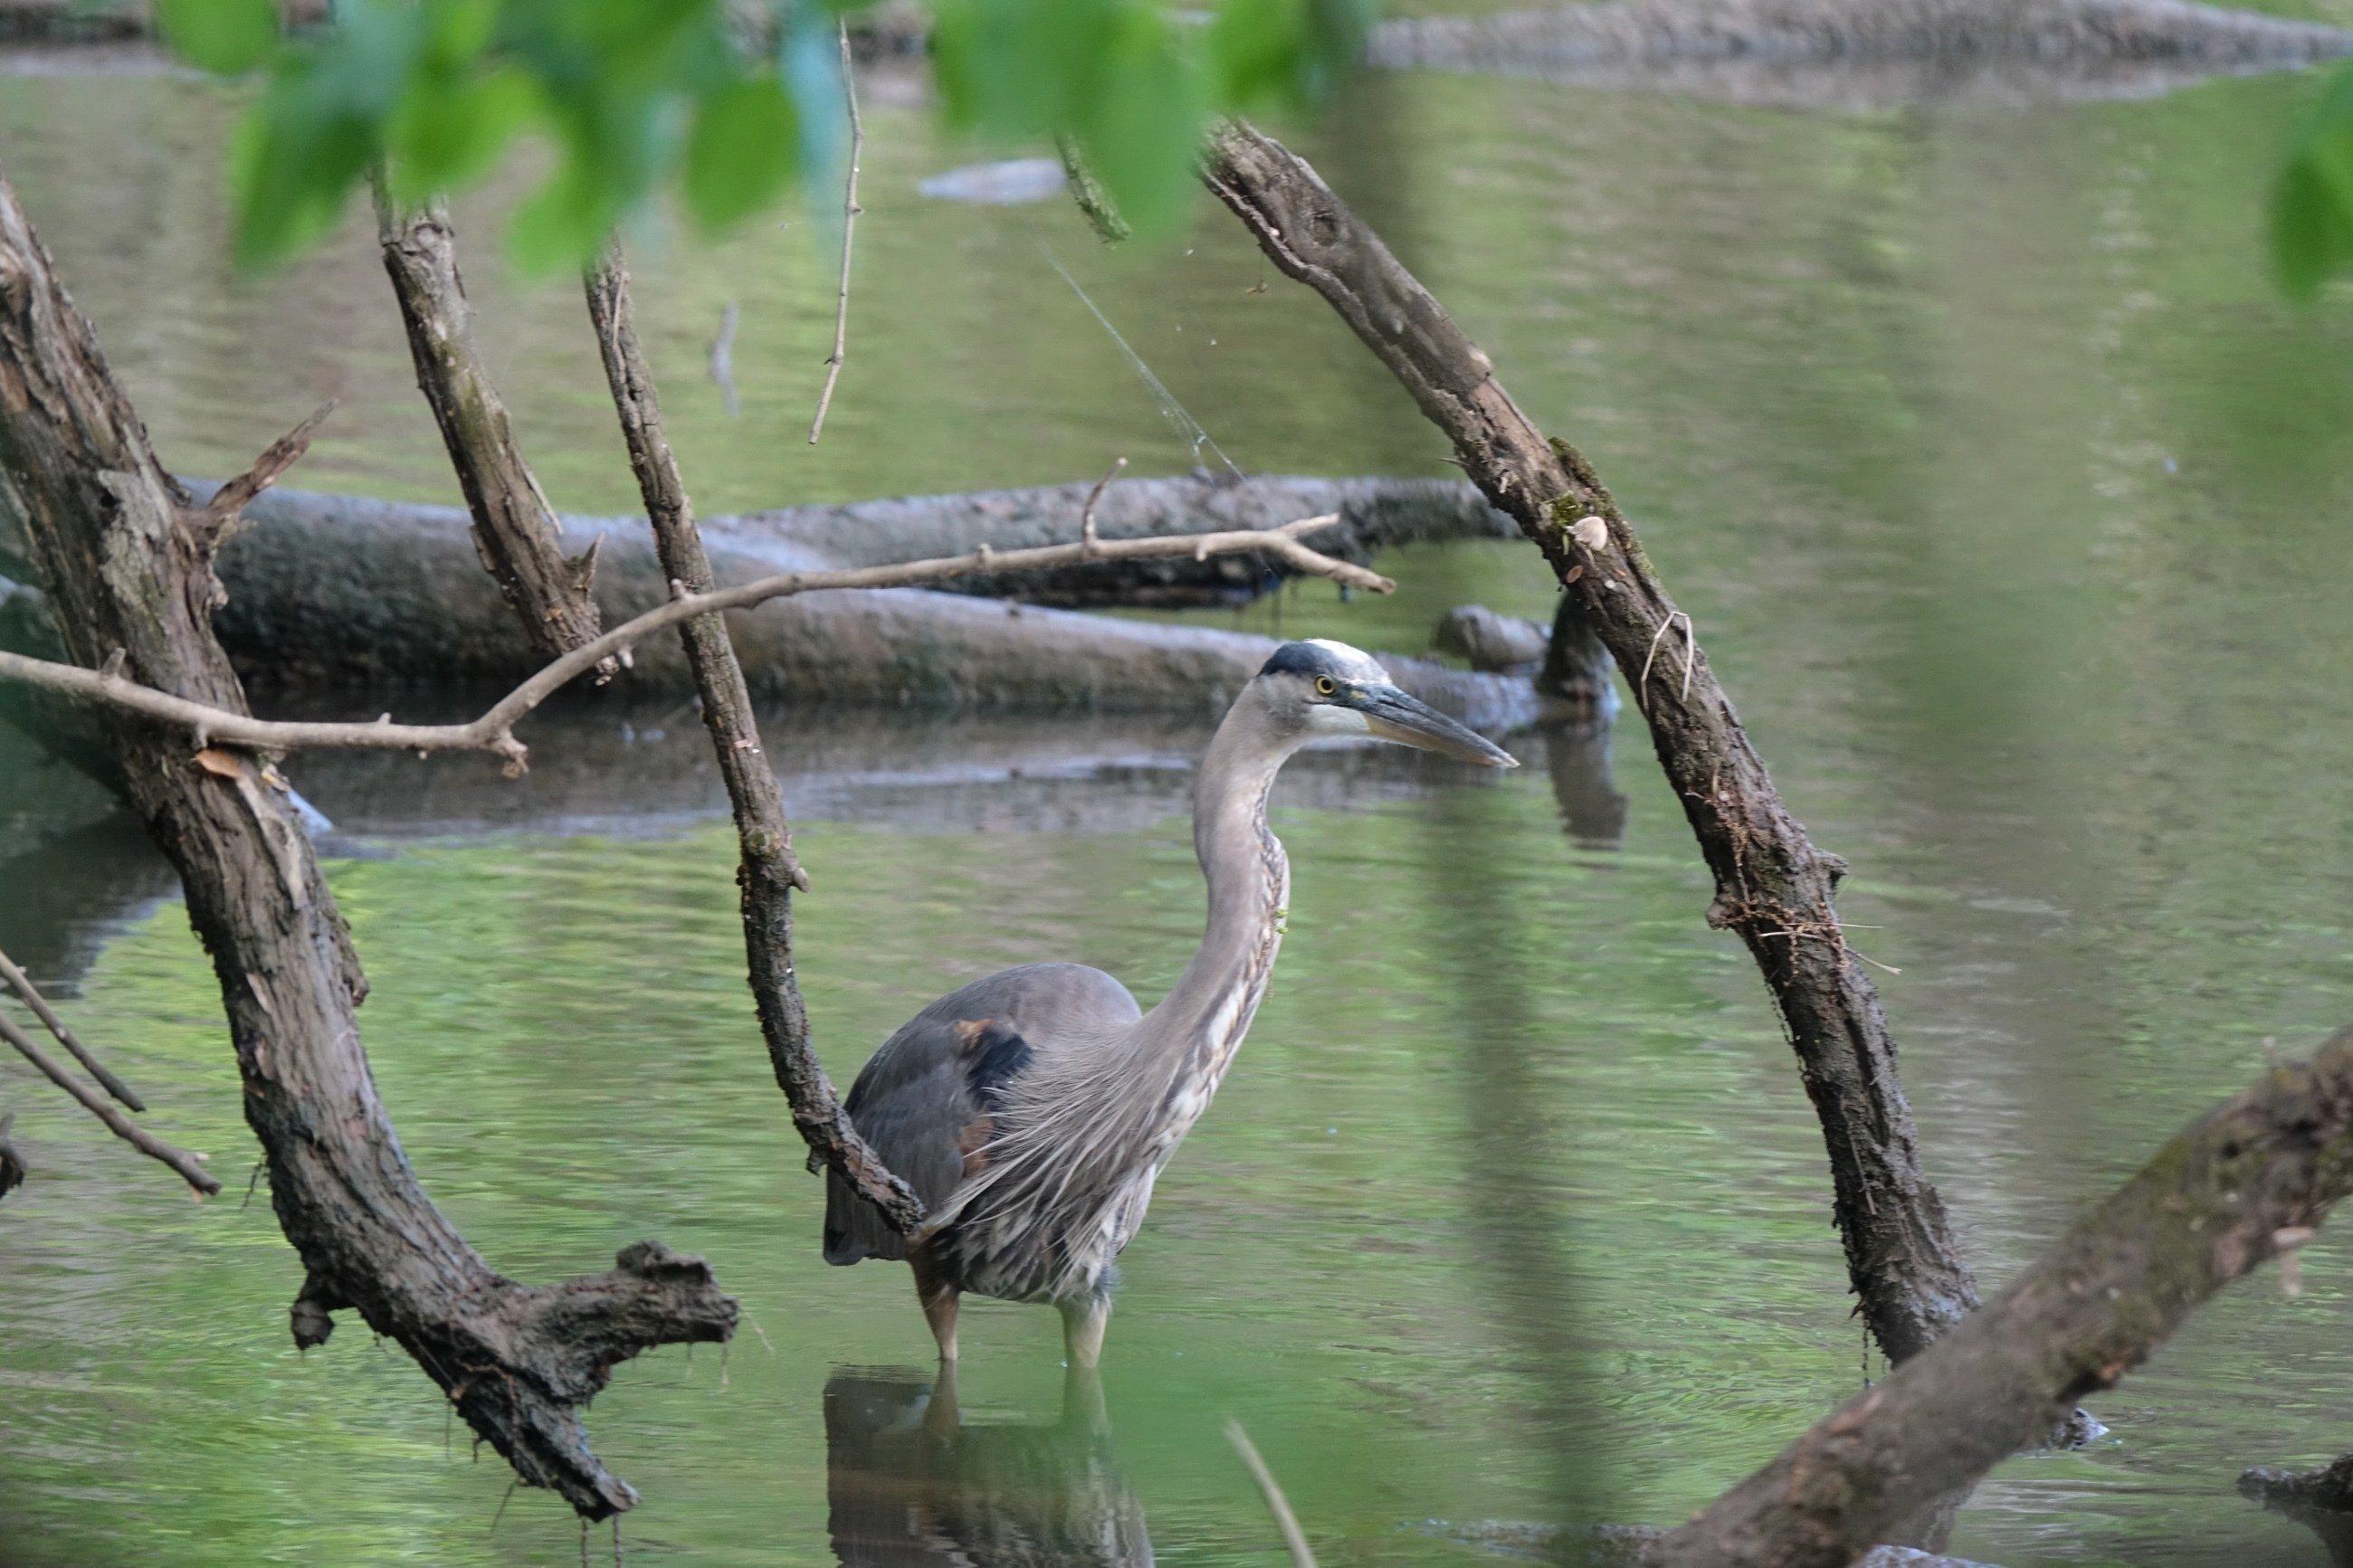 Ein Kanadareiher stakt durch einen Fluss.